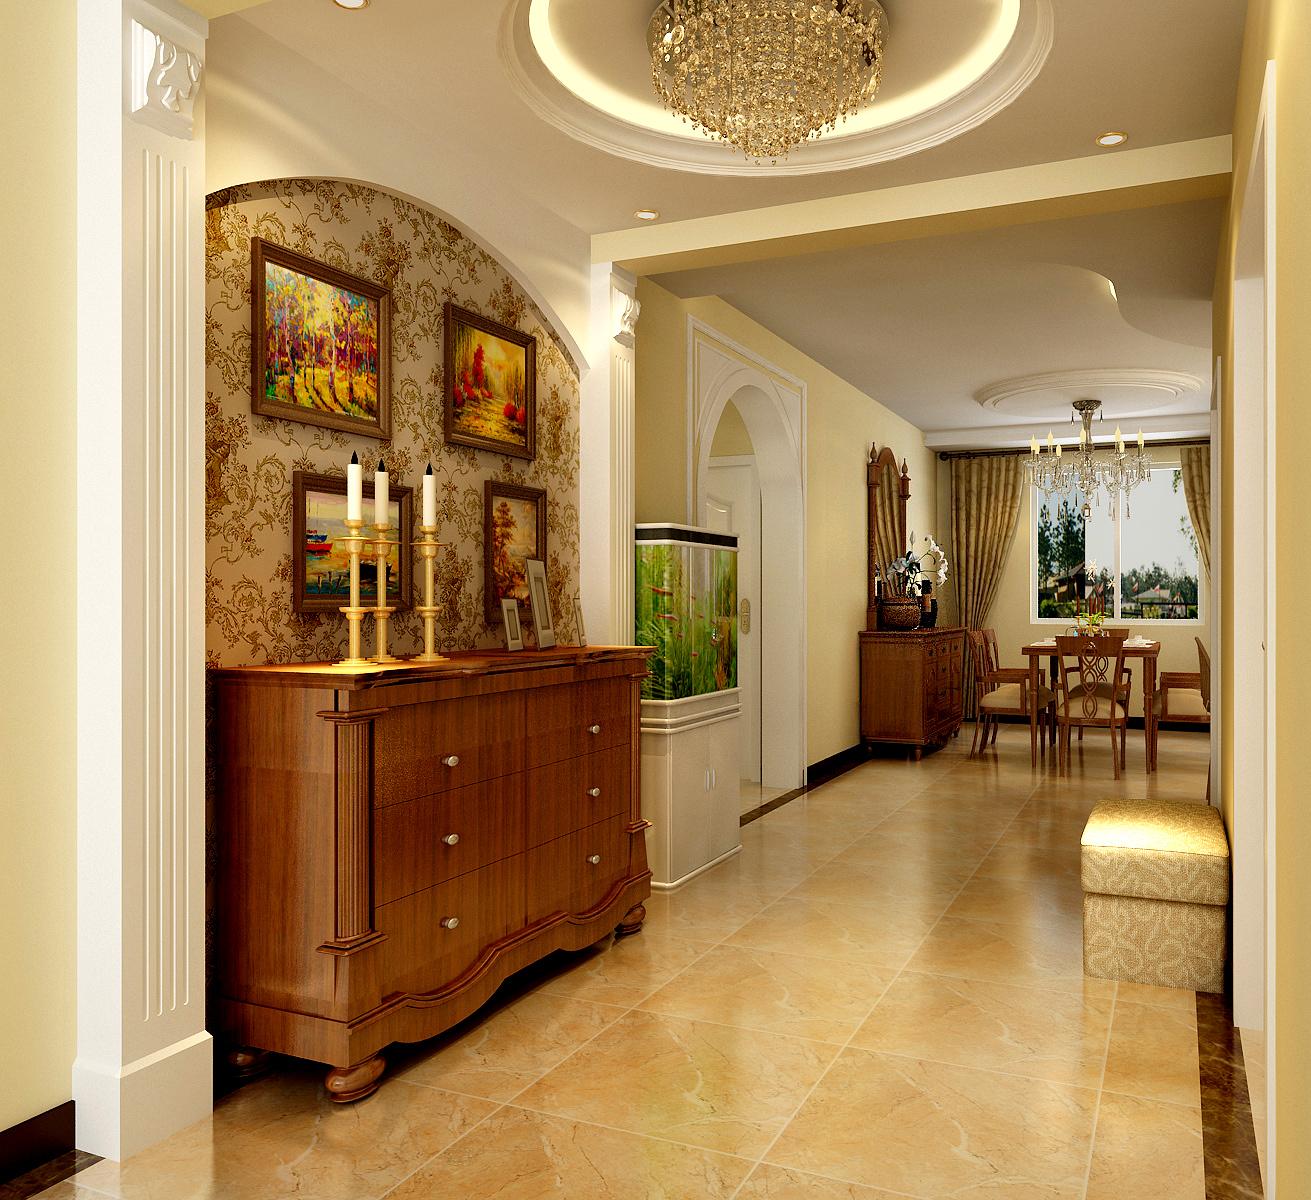 三居 欧式 简约欧式 80后 婚房 其他图片来自实创装饰都琳在80后大爱简欧风格的分享